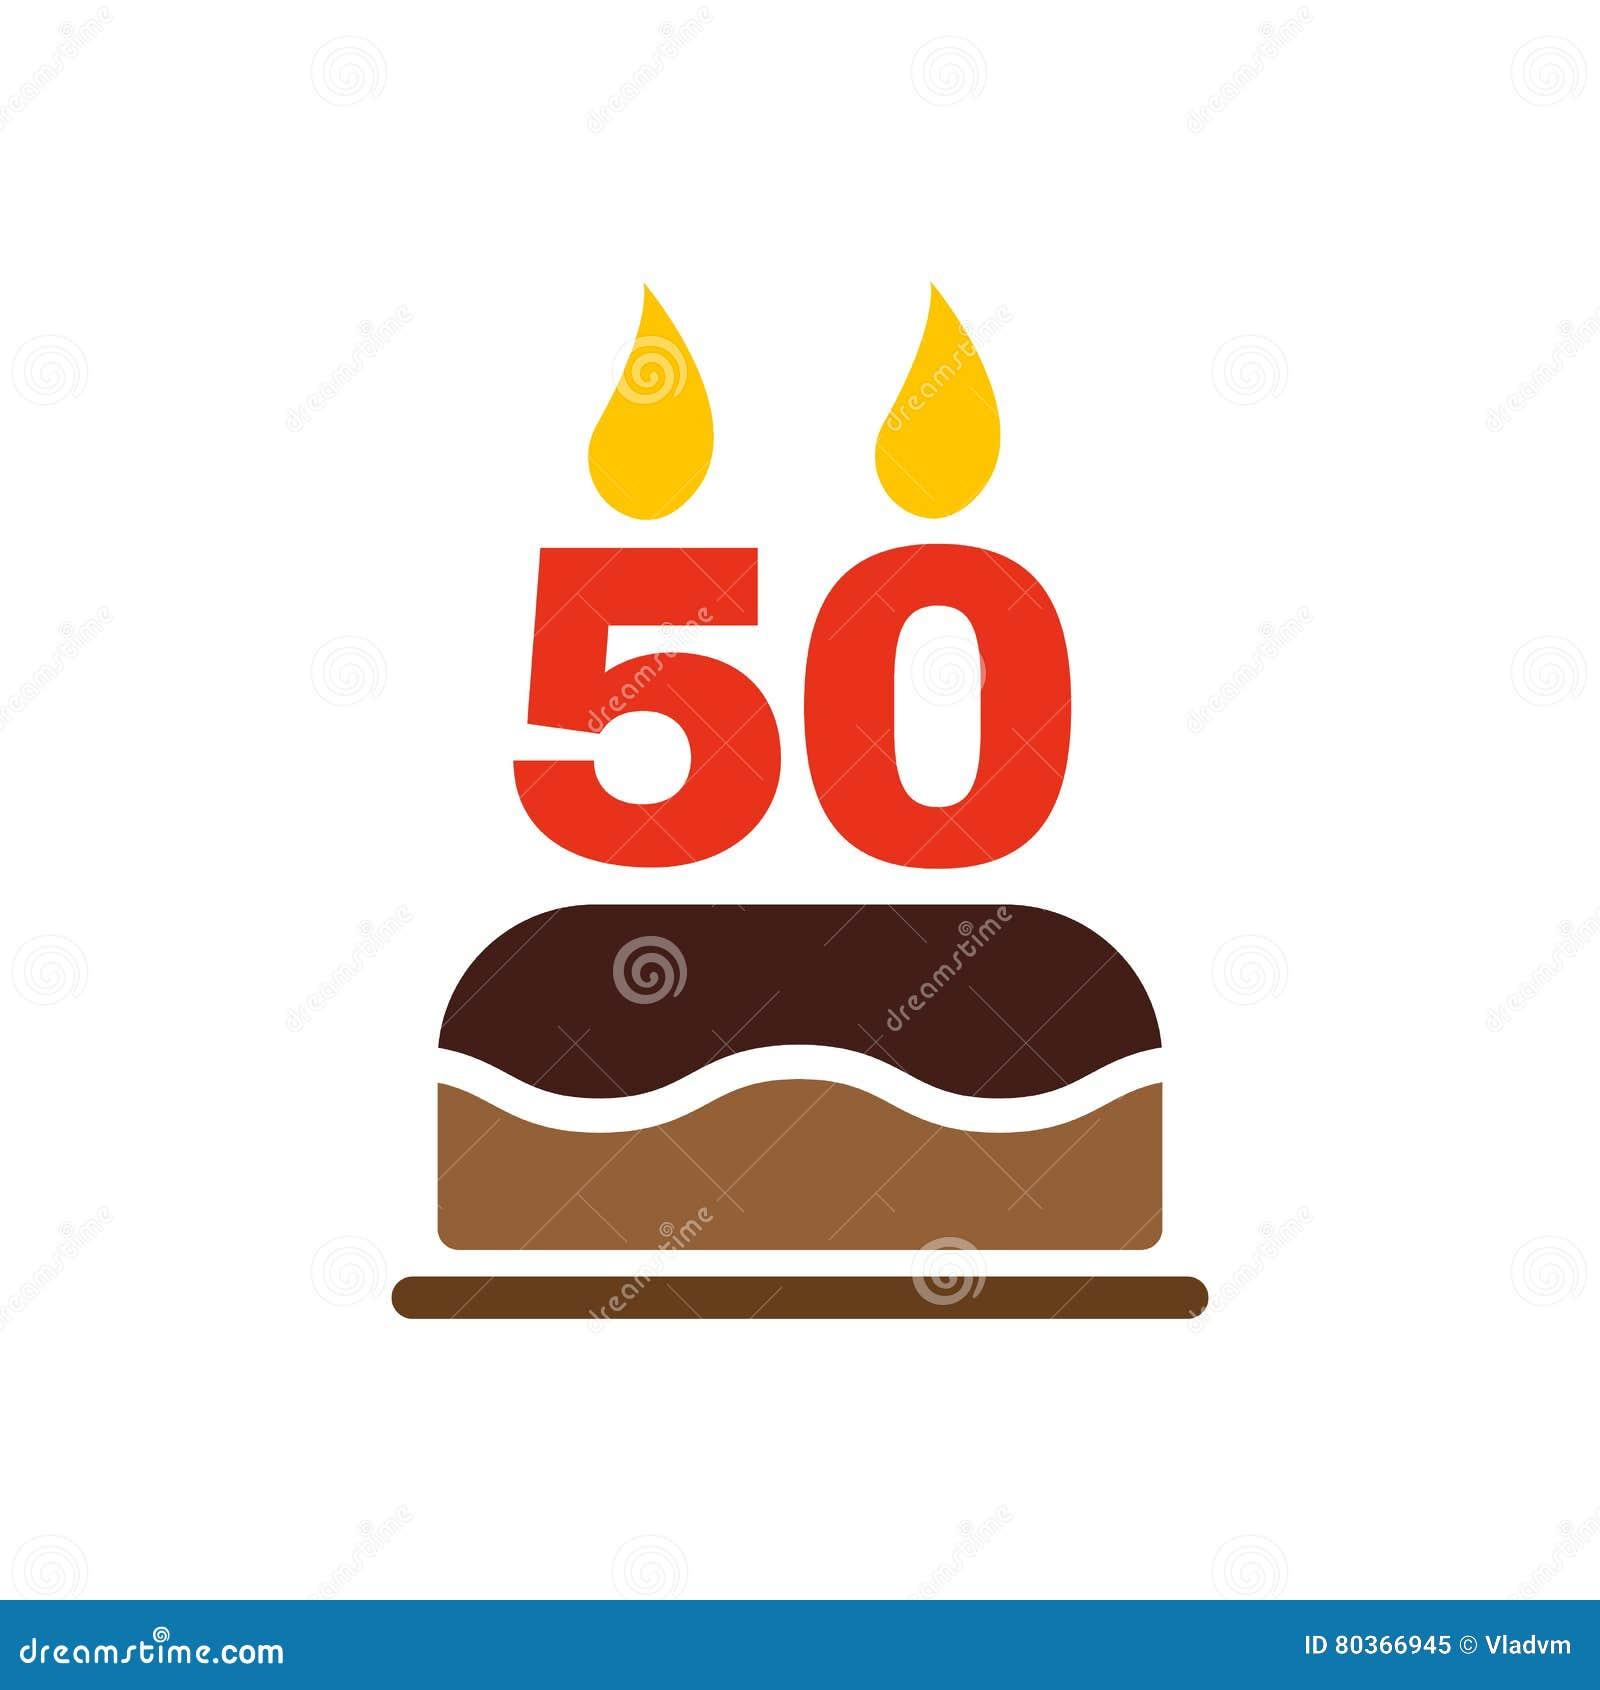 Geburtstagskuchen 50 Kerzwn Bild Kuchen Bild Idee